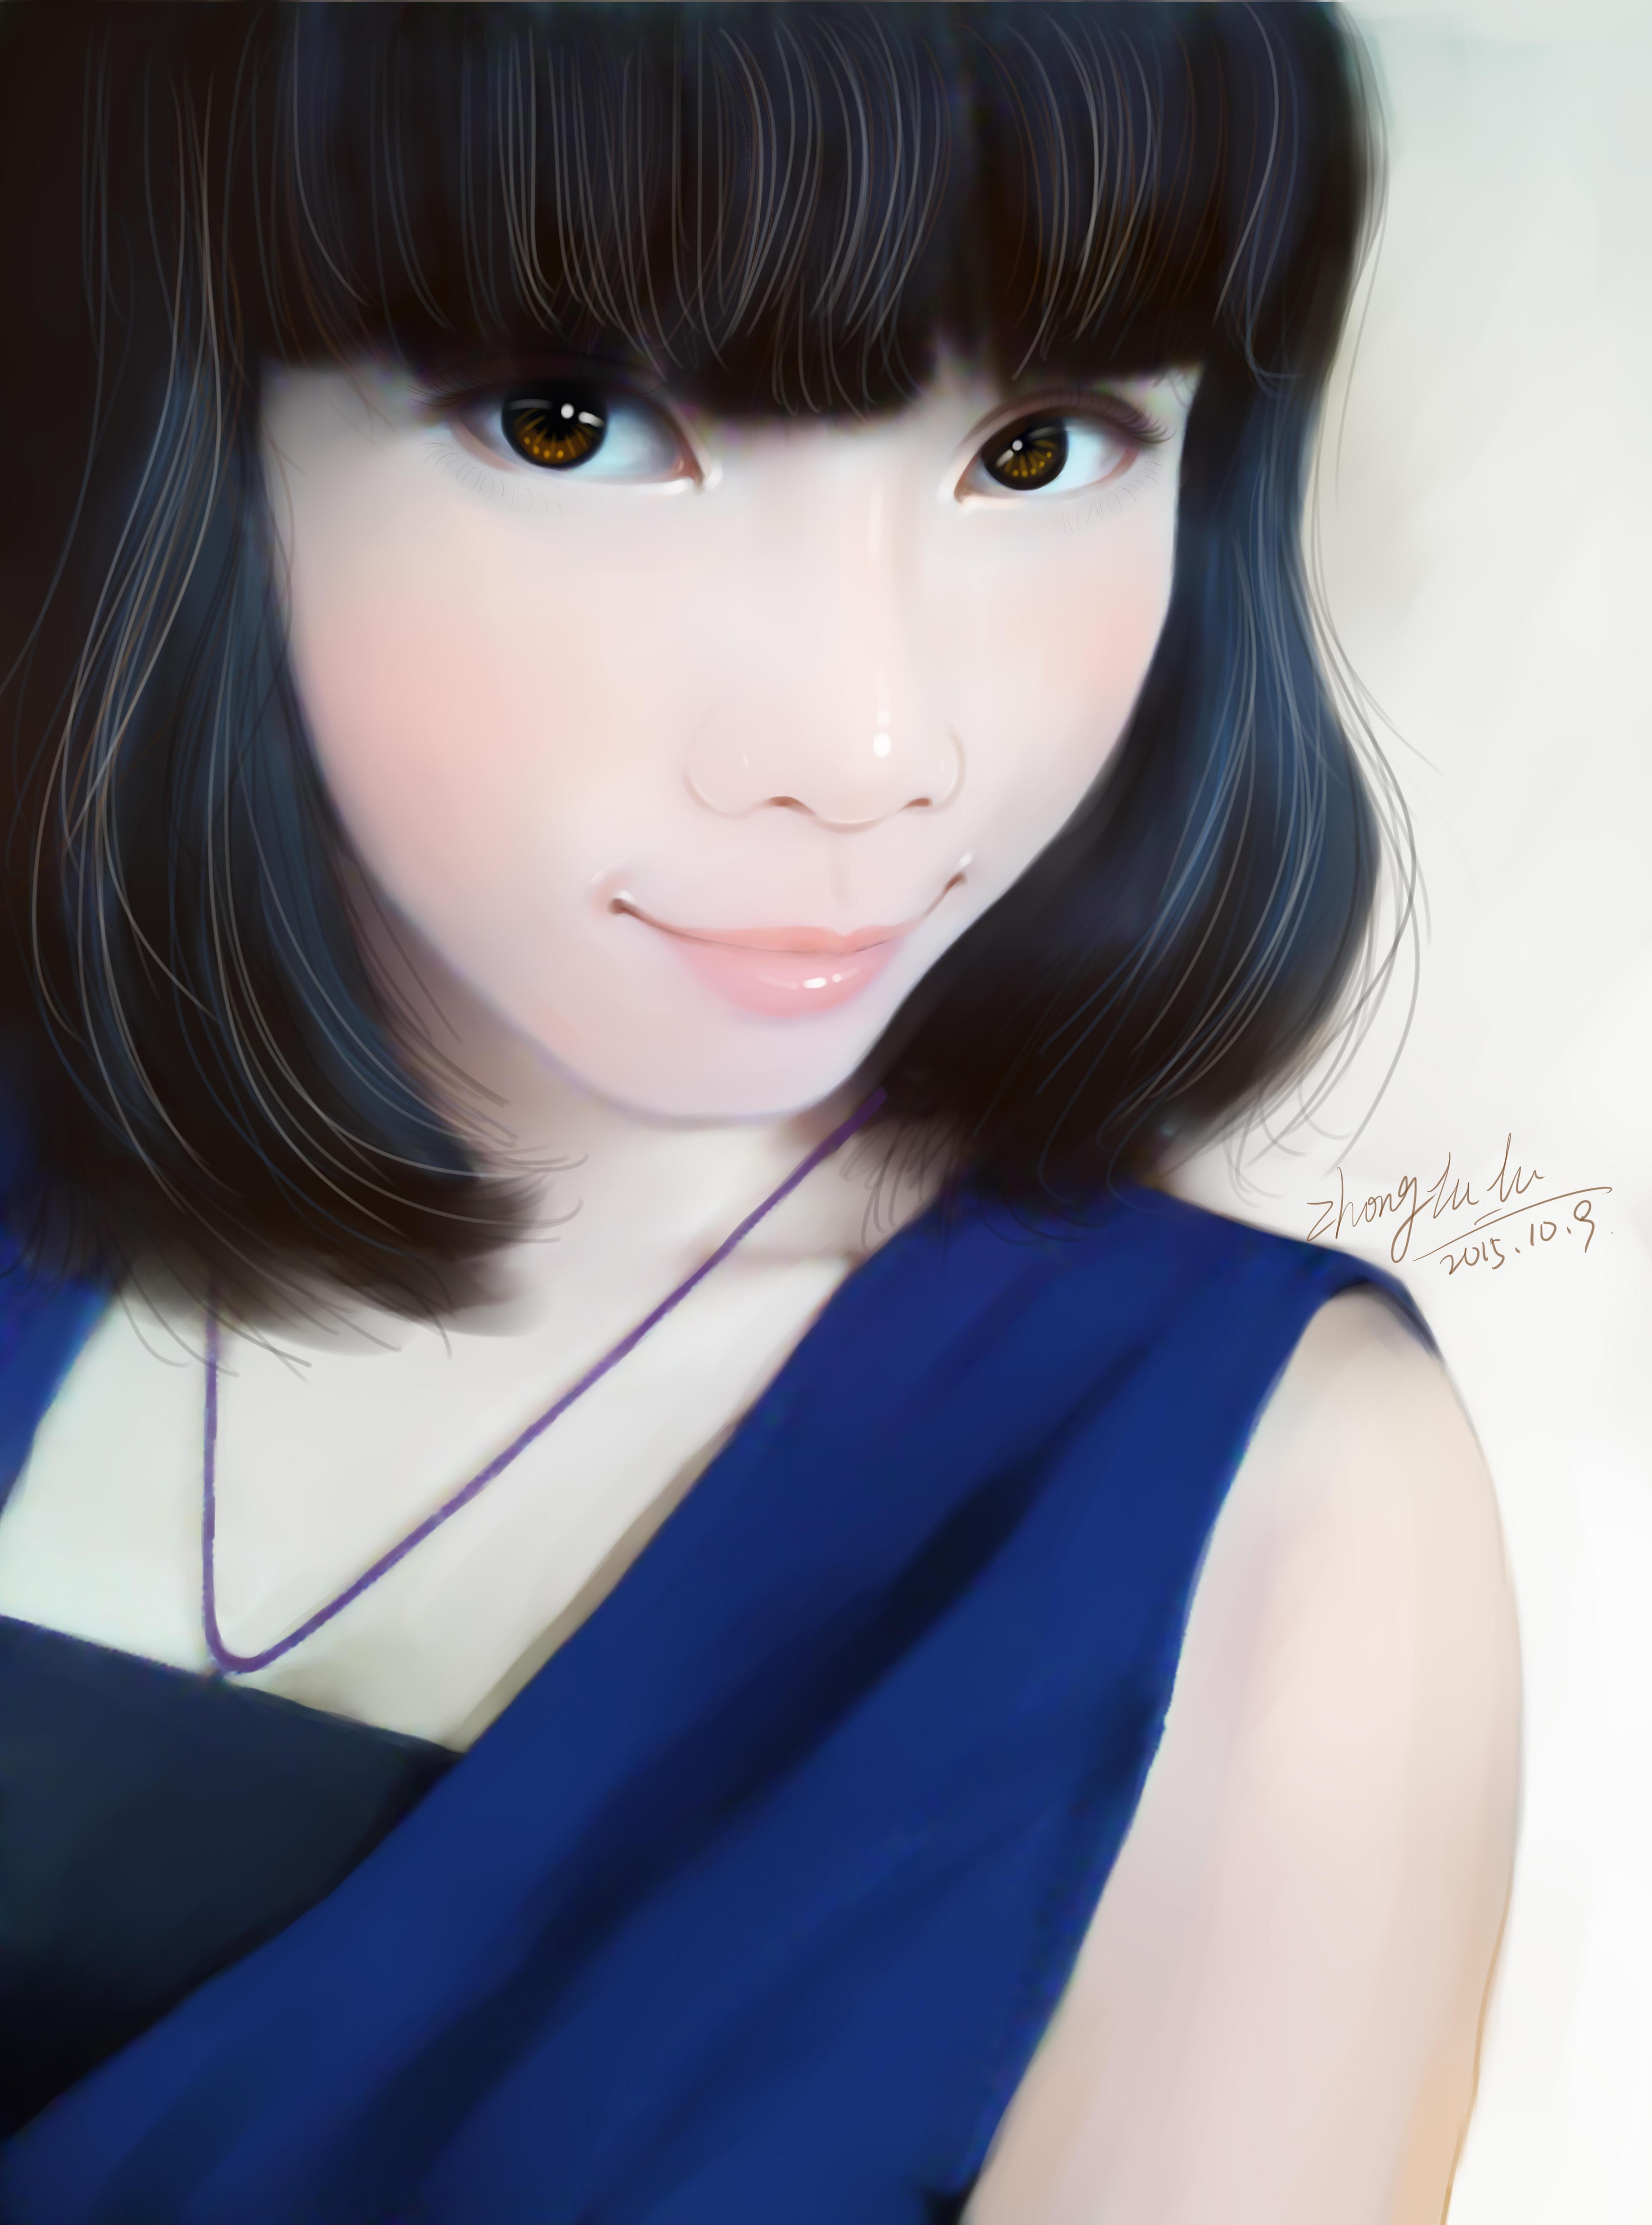 短发美女插画手绘